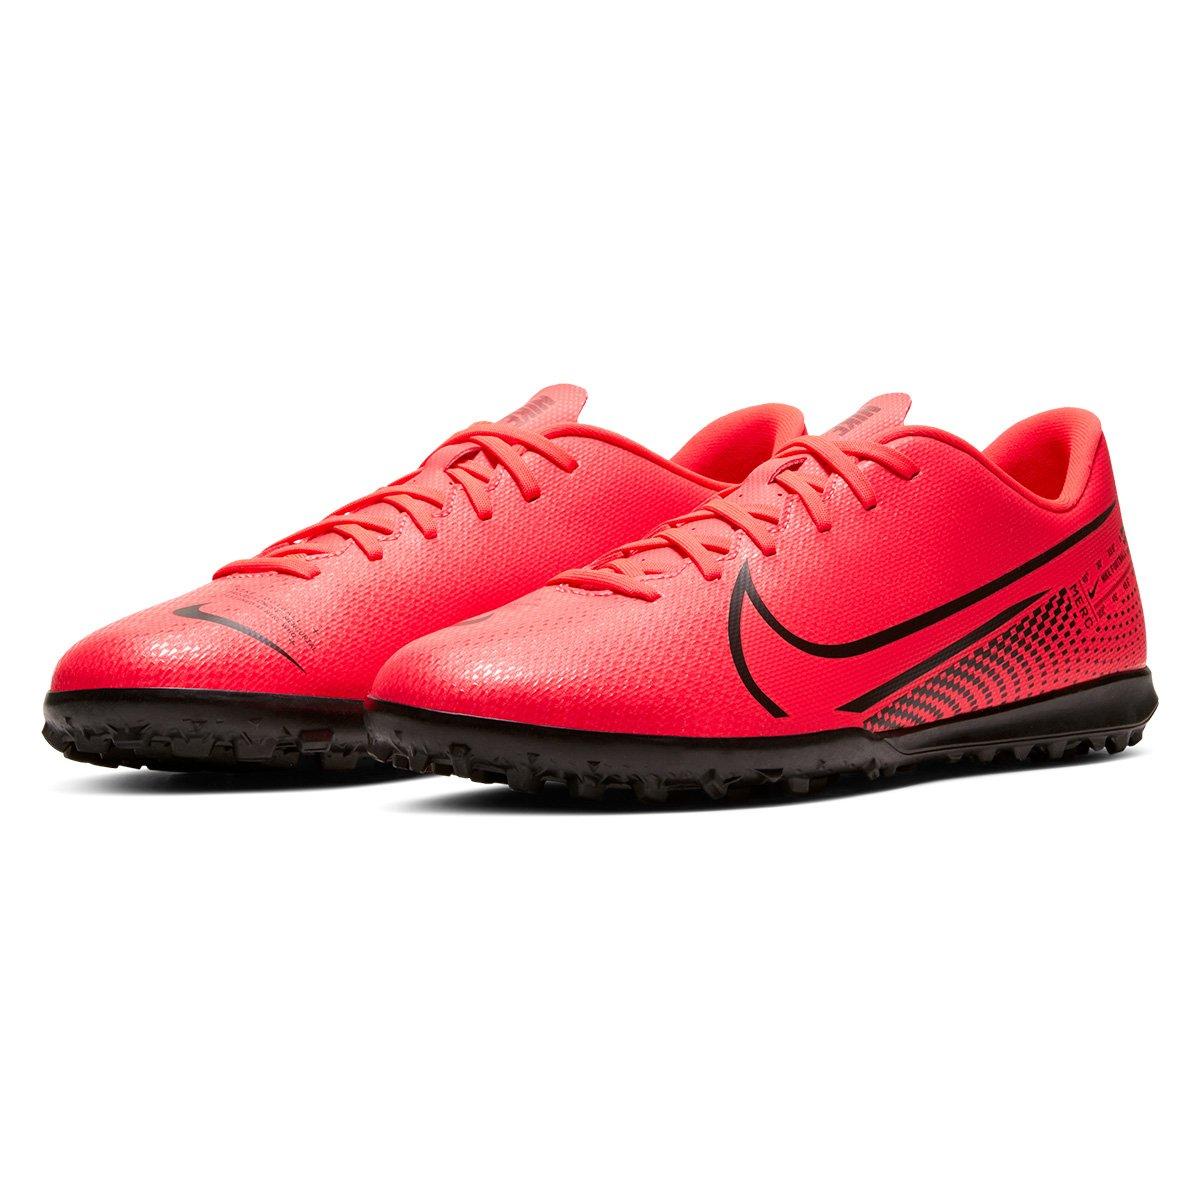 Chuteira Nike Society Vapor 13 club